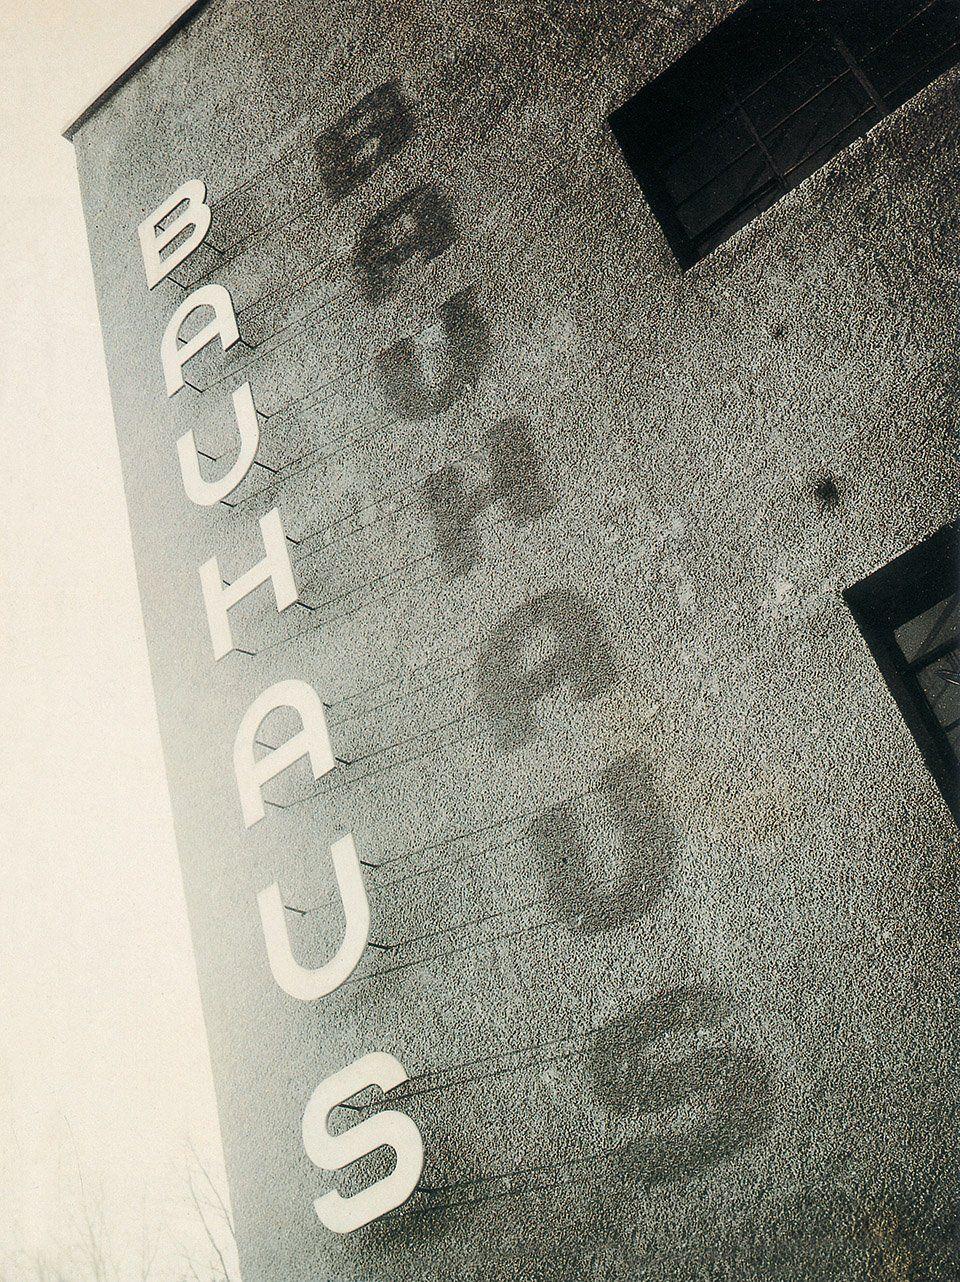 Bauhaus Updated Edition In 2020 Bauhaus Art School Bauhaus